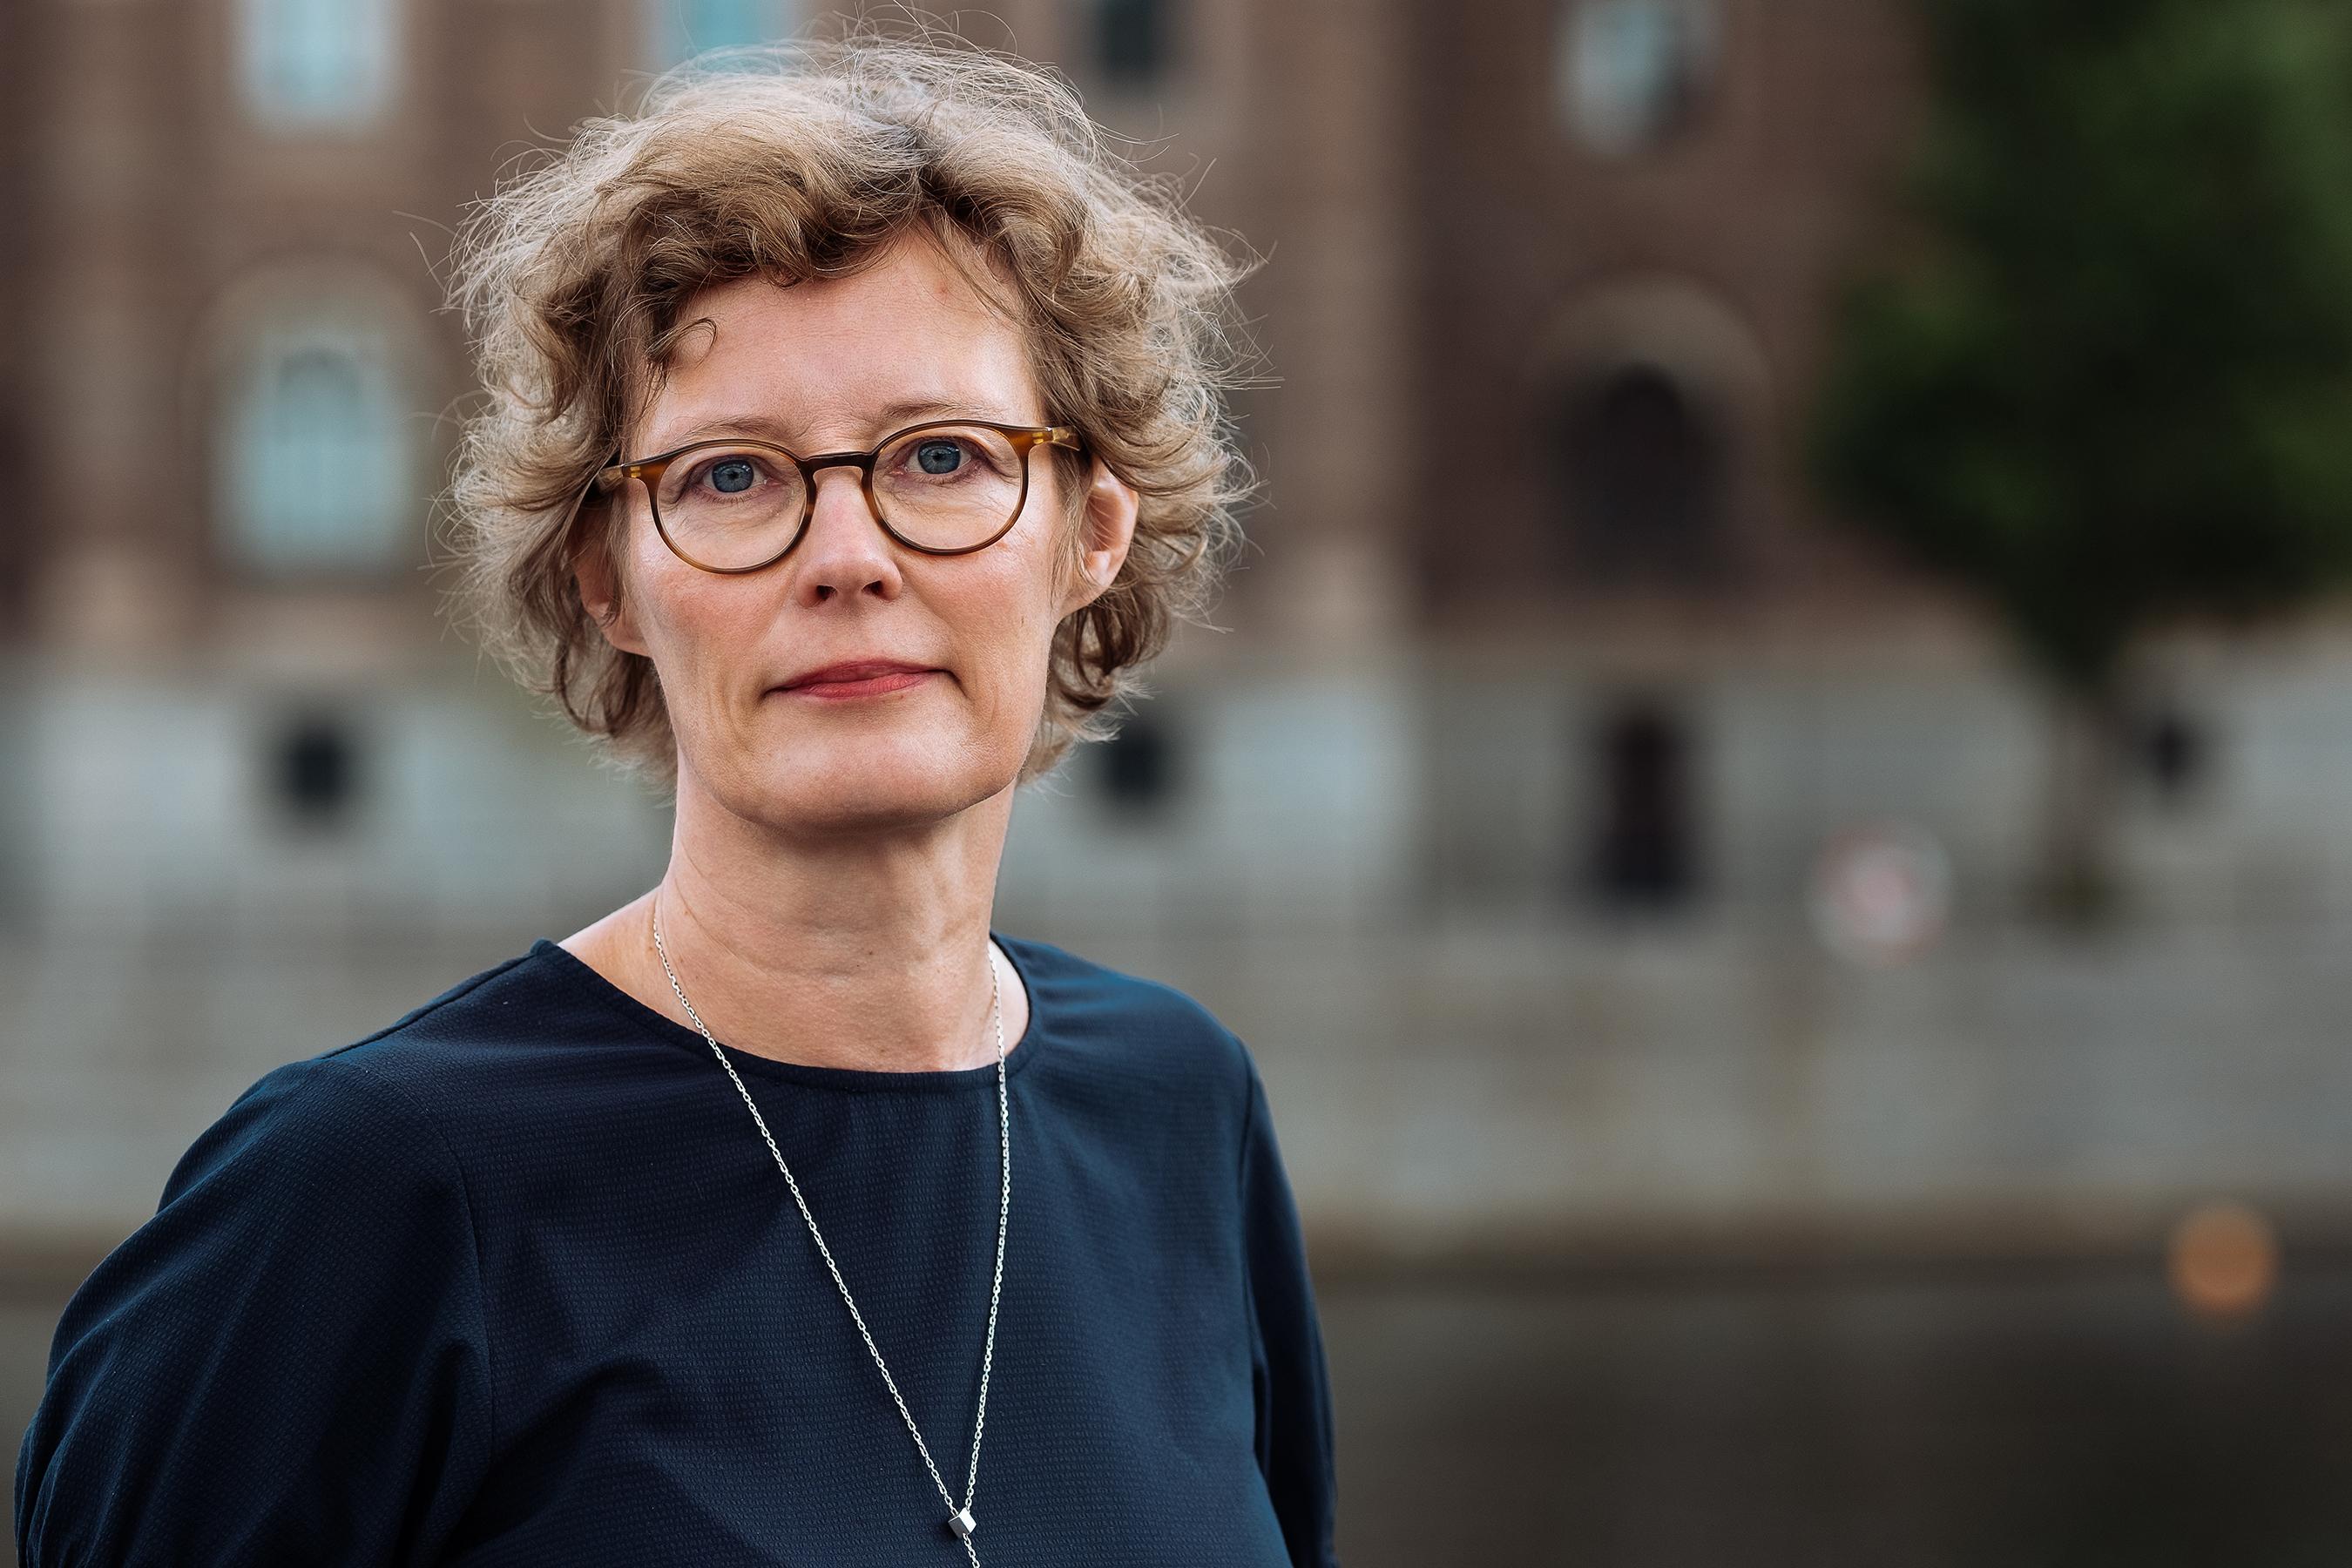 Sacos samhällspolitiske chef Lena Granqvist. Foto: Knut Capra Pedersen